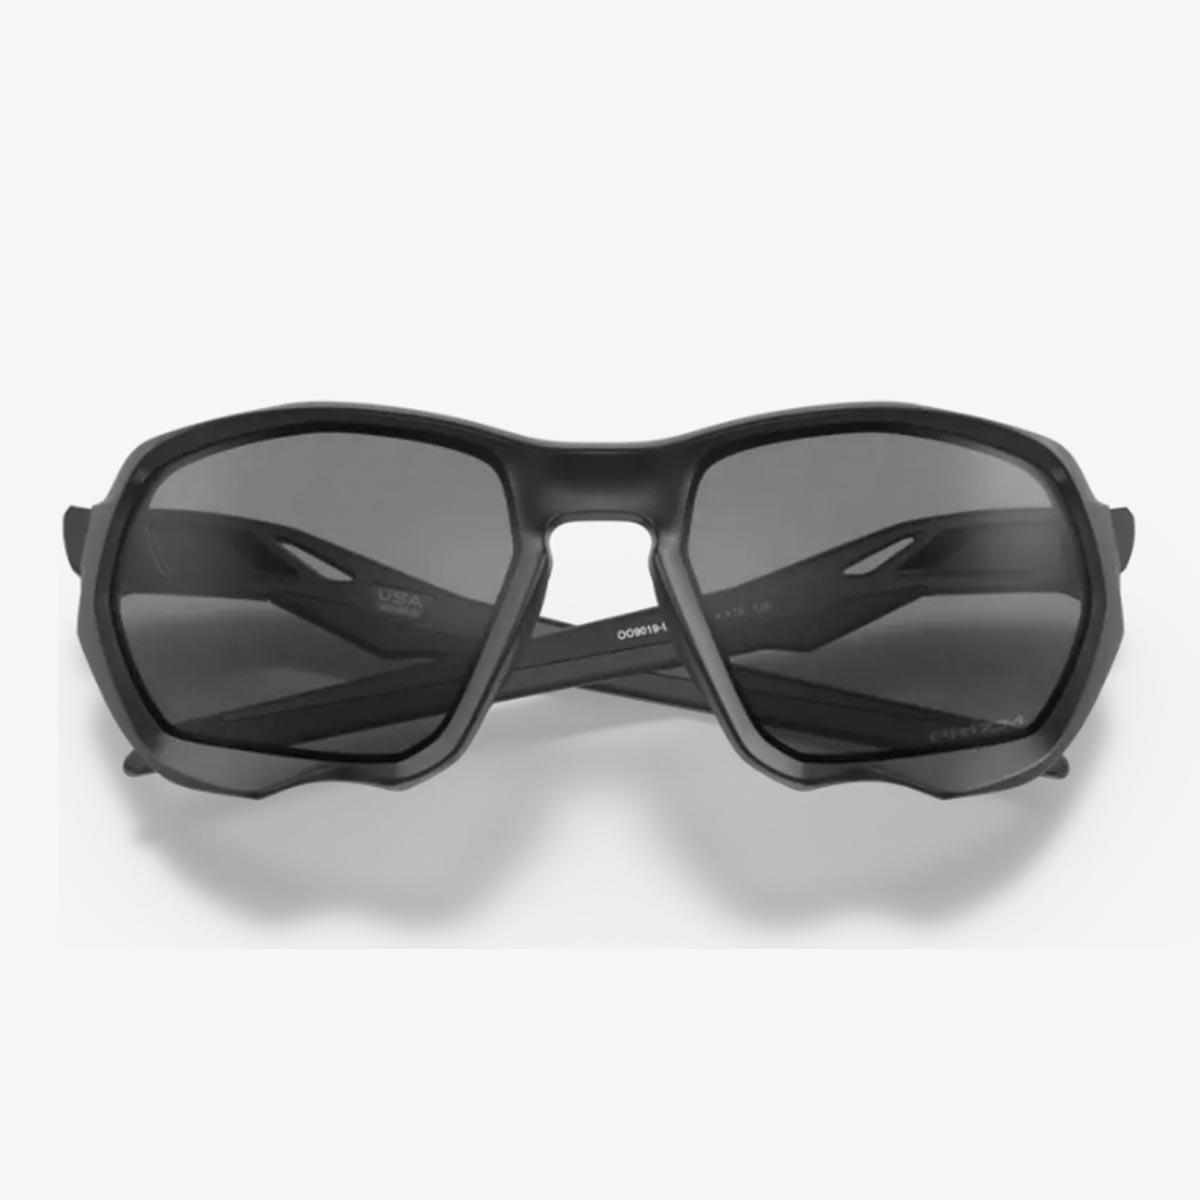 Oculos Para Ciclismo Oakley Plazma Preto Com Lente Prizm Escura